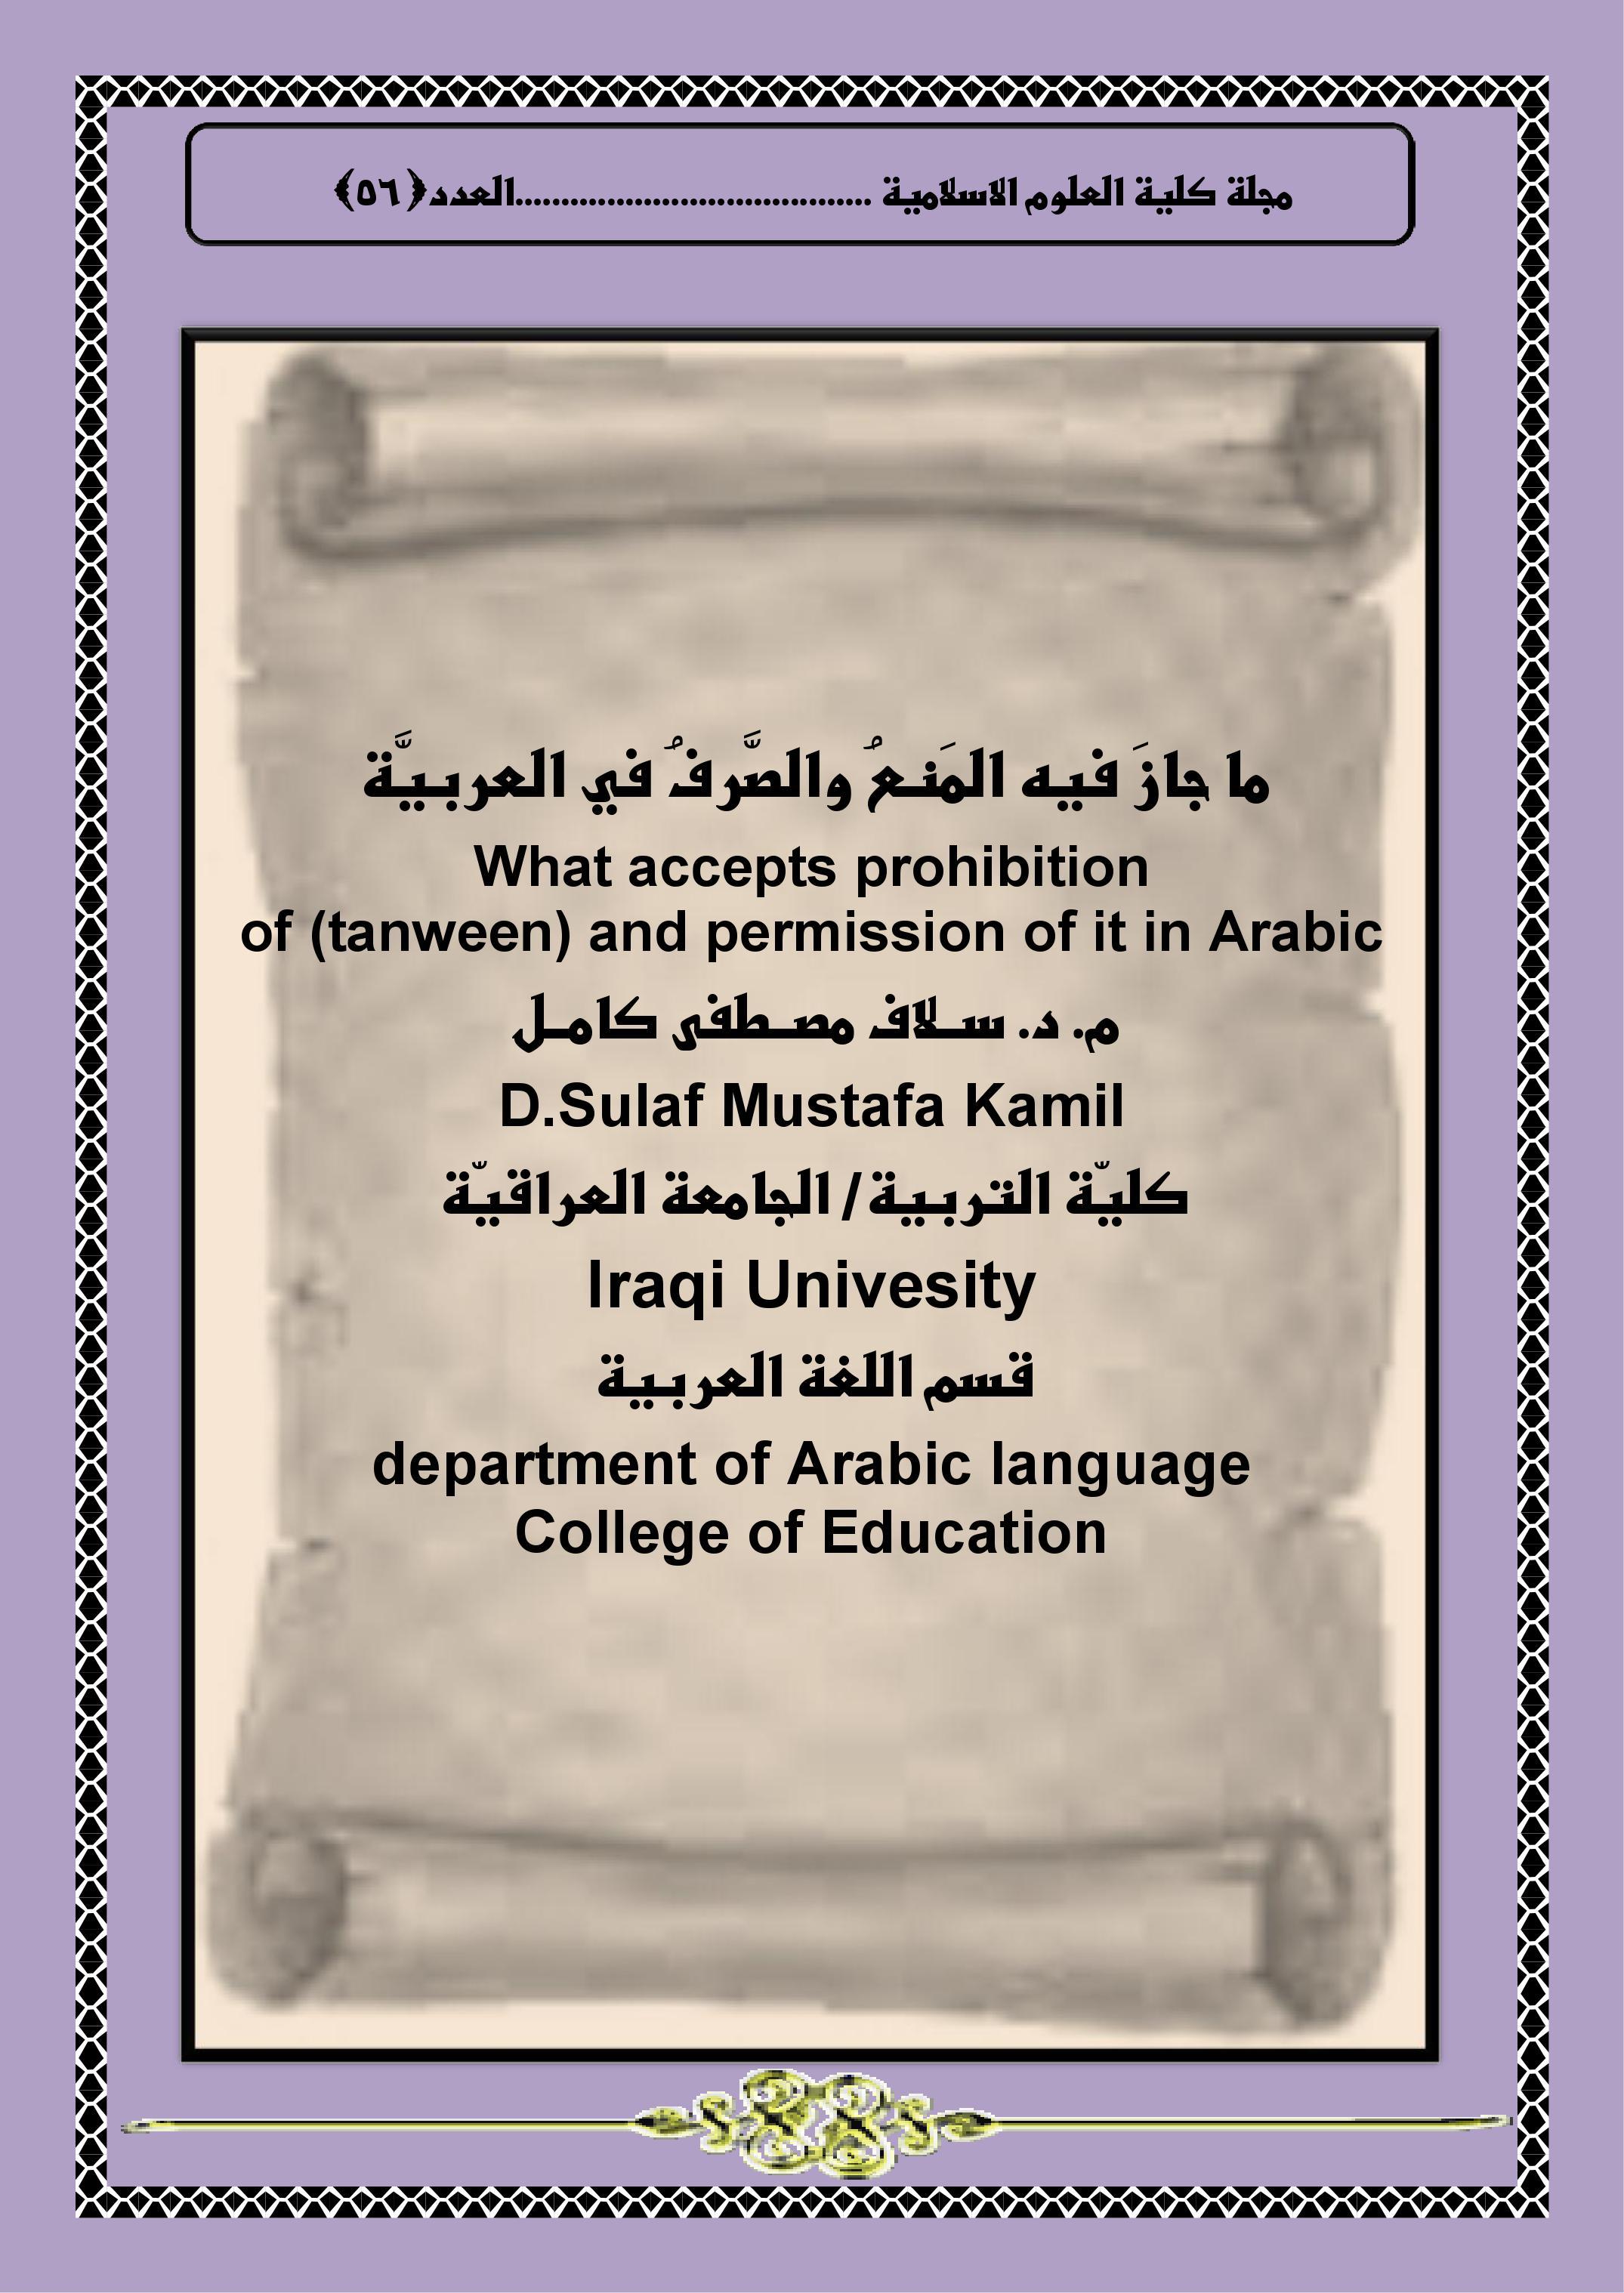 ما جازَ فيه المَنعُ والصَّرفُ في العربيَّة